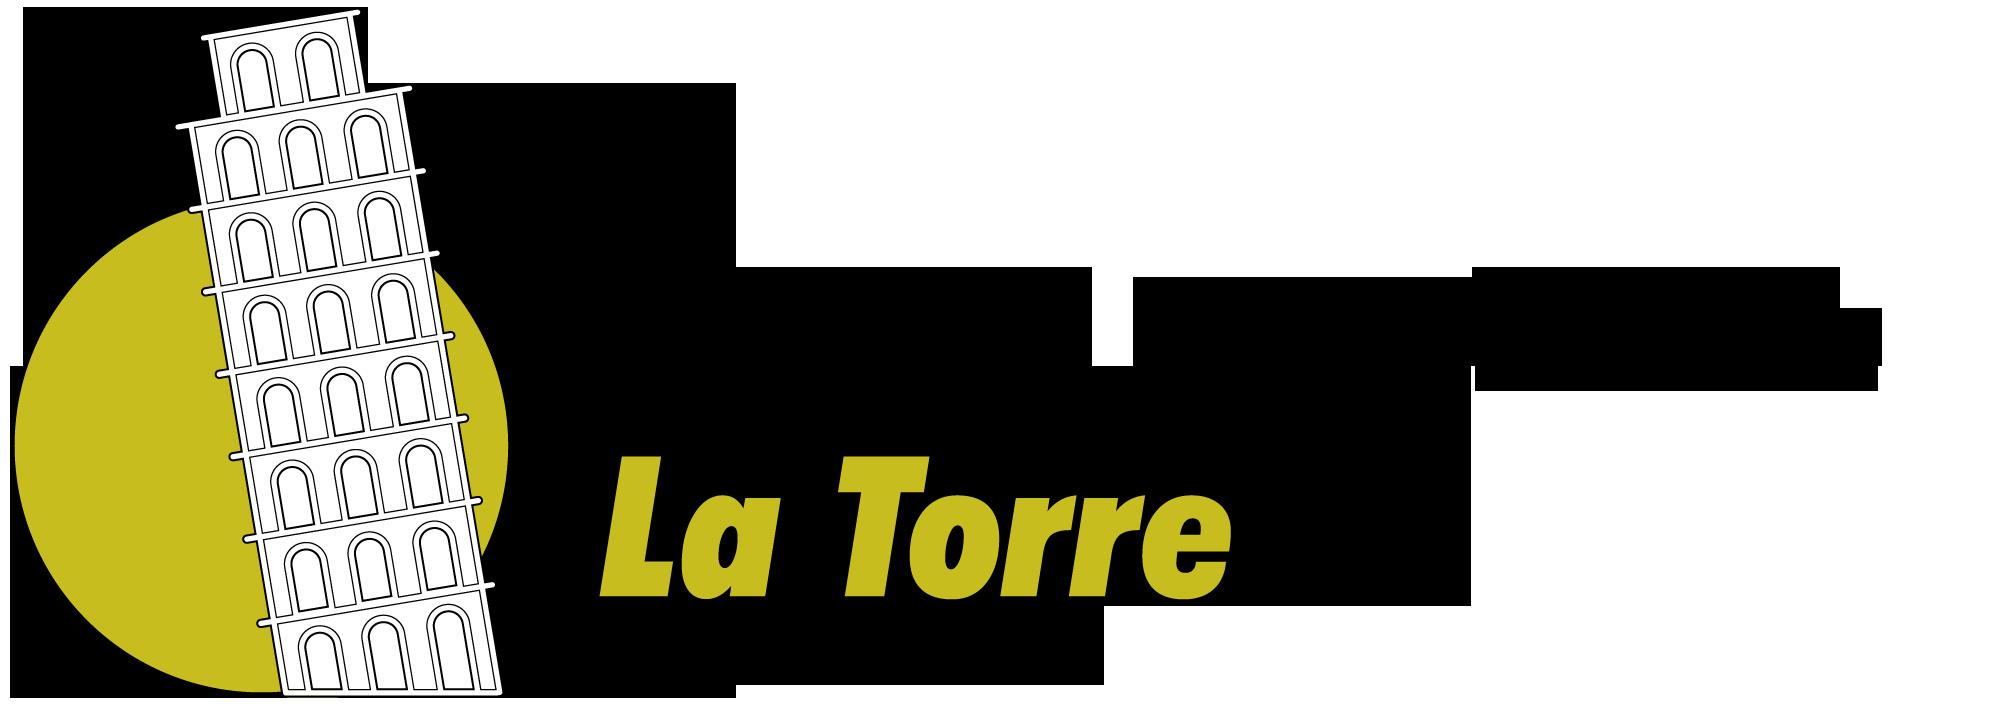 LA TORRE Agenzia Immobiliare